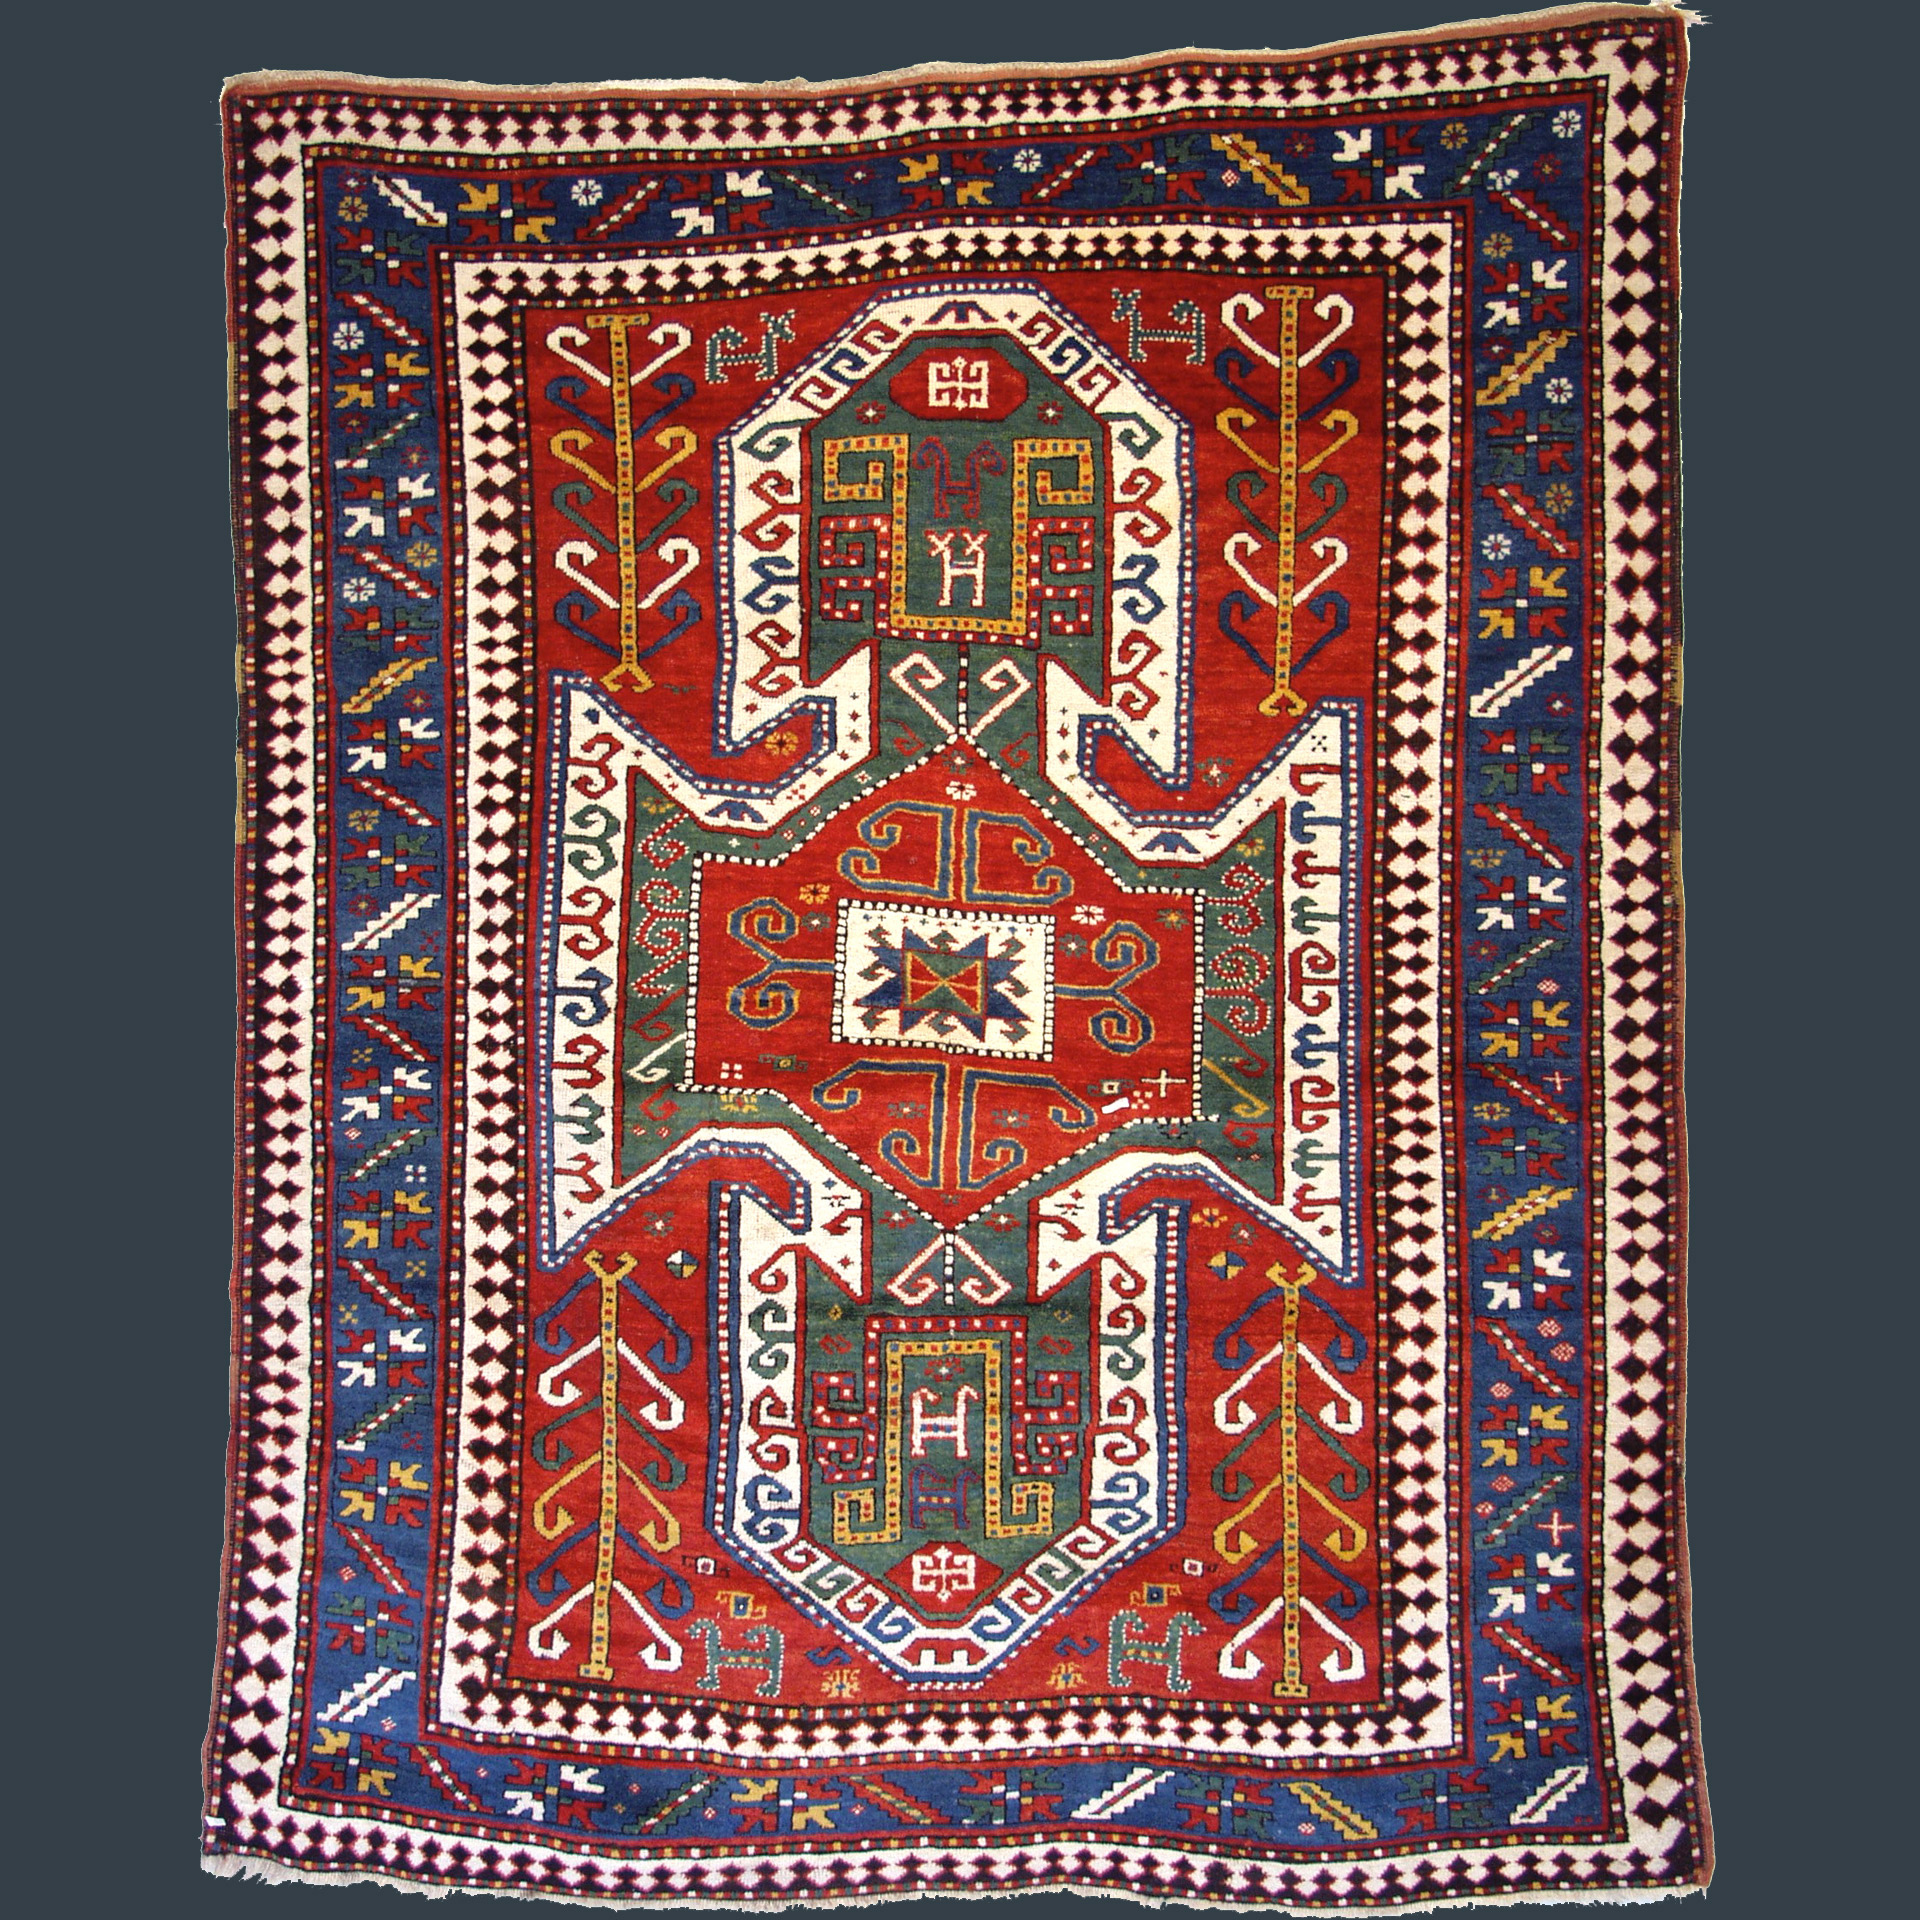 Antique Sewan Kazak rug, southwest Caucasian, circa 1890